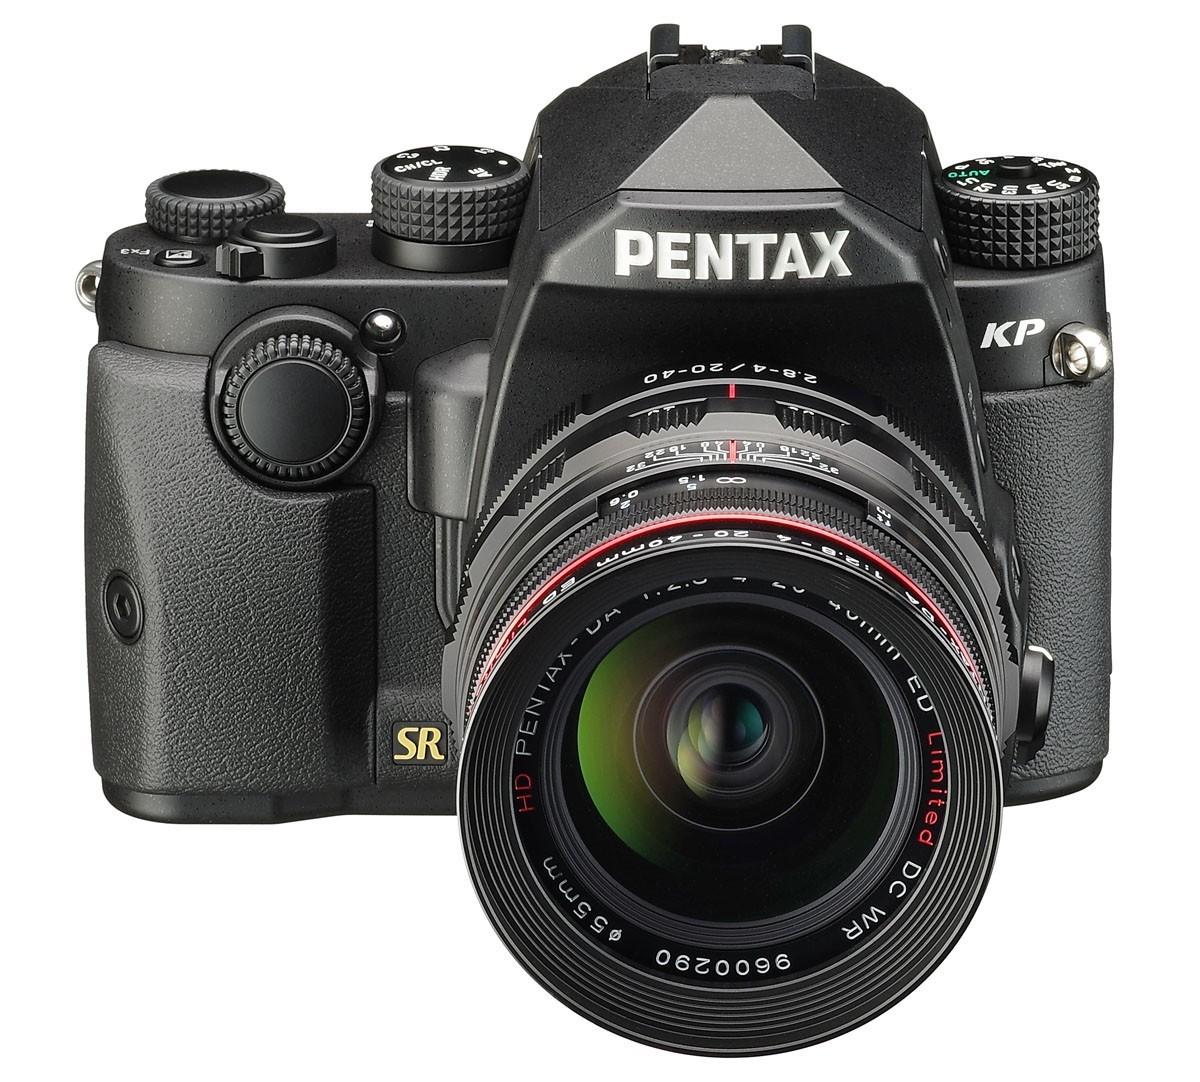 Pentax KP systemkamera med 24 megapixel APS-C-sensor och ISO 819 200